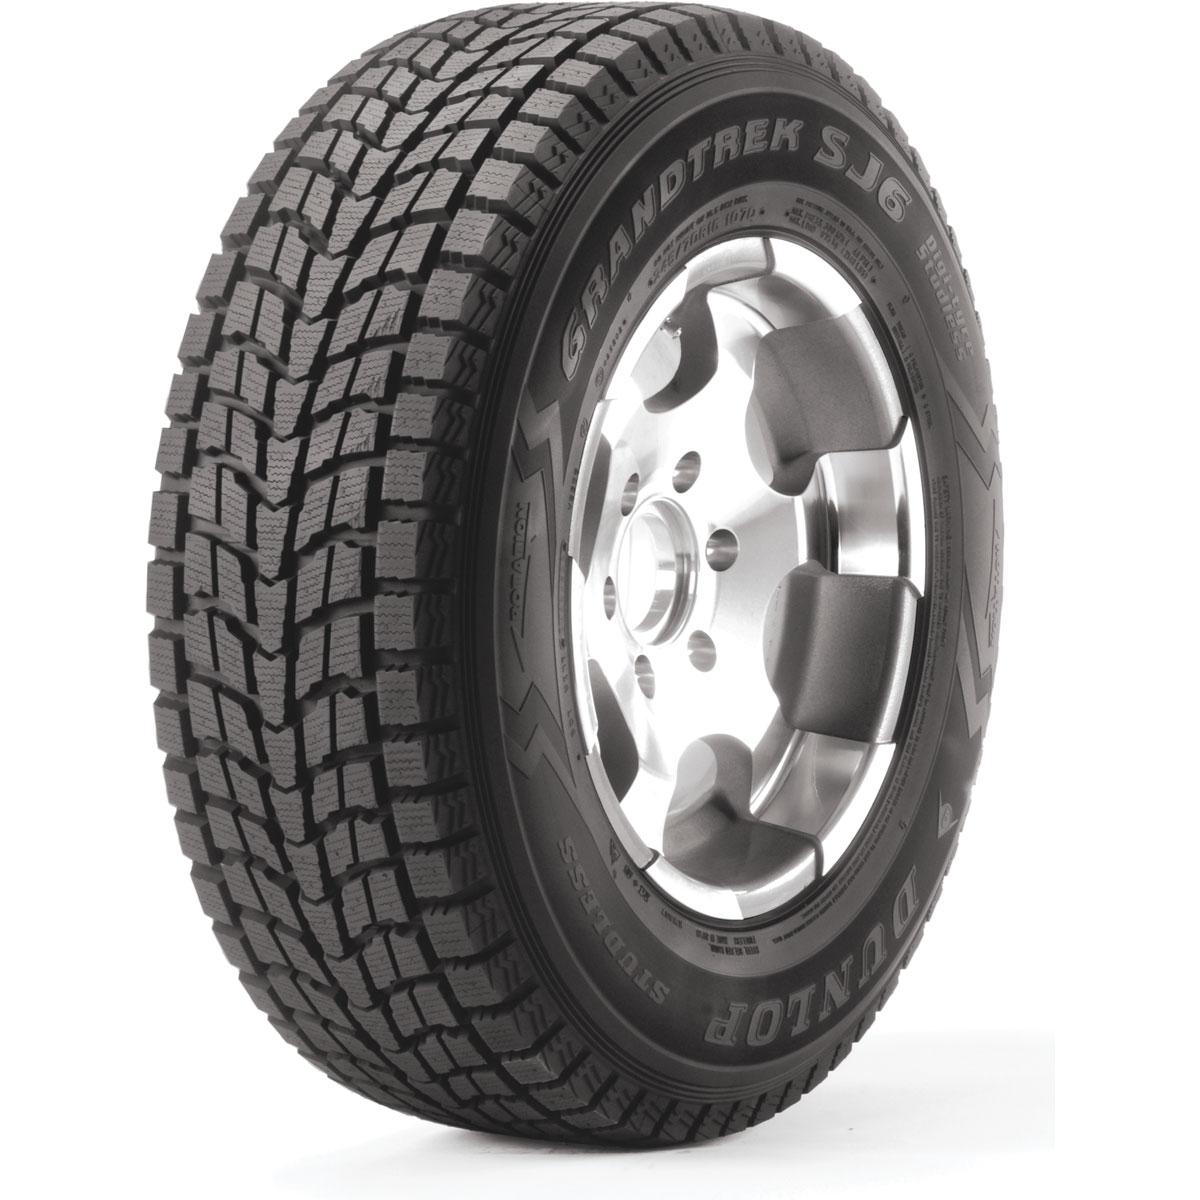 Best Wheels Sells Dunlop